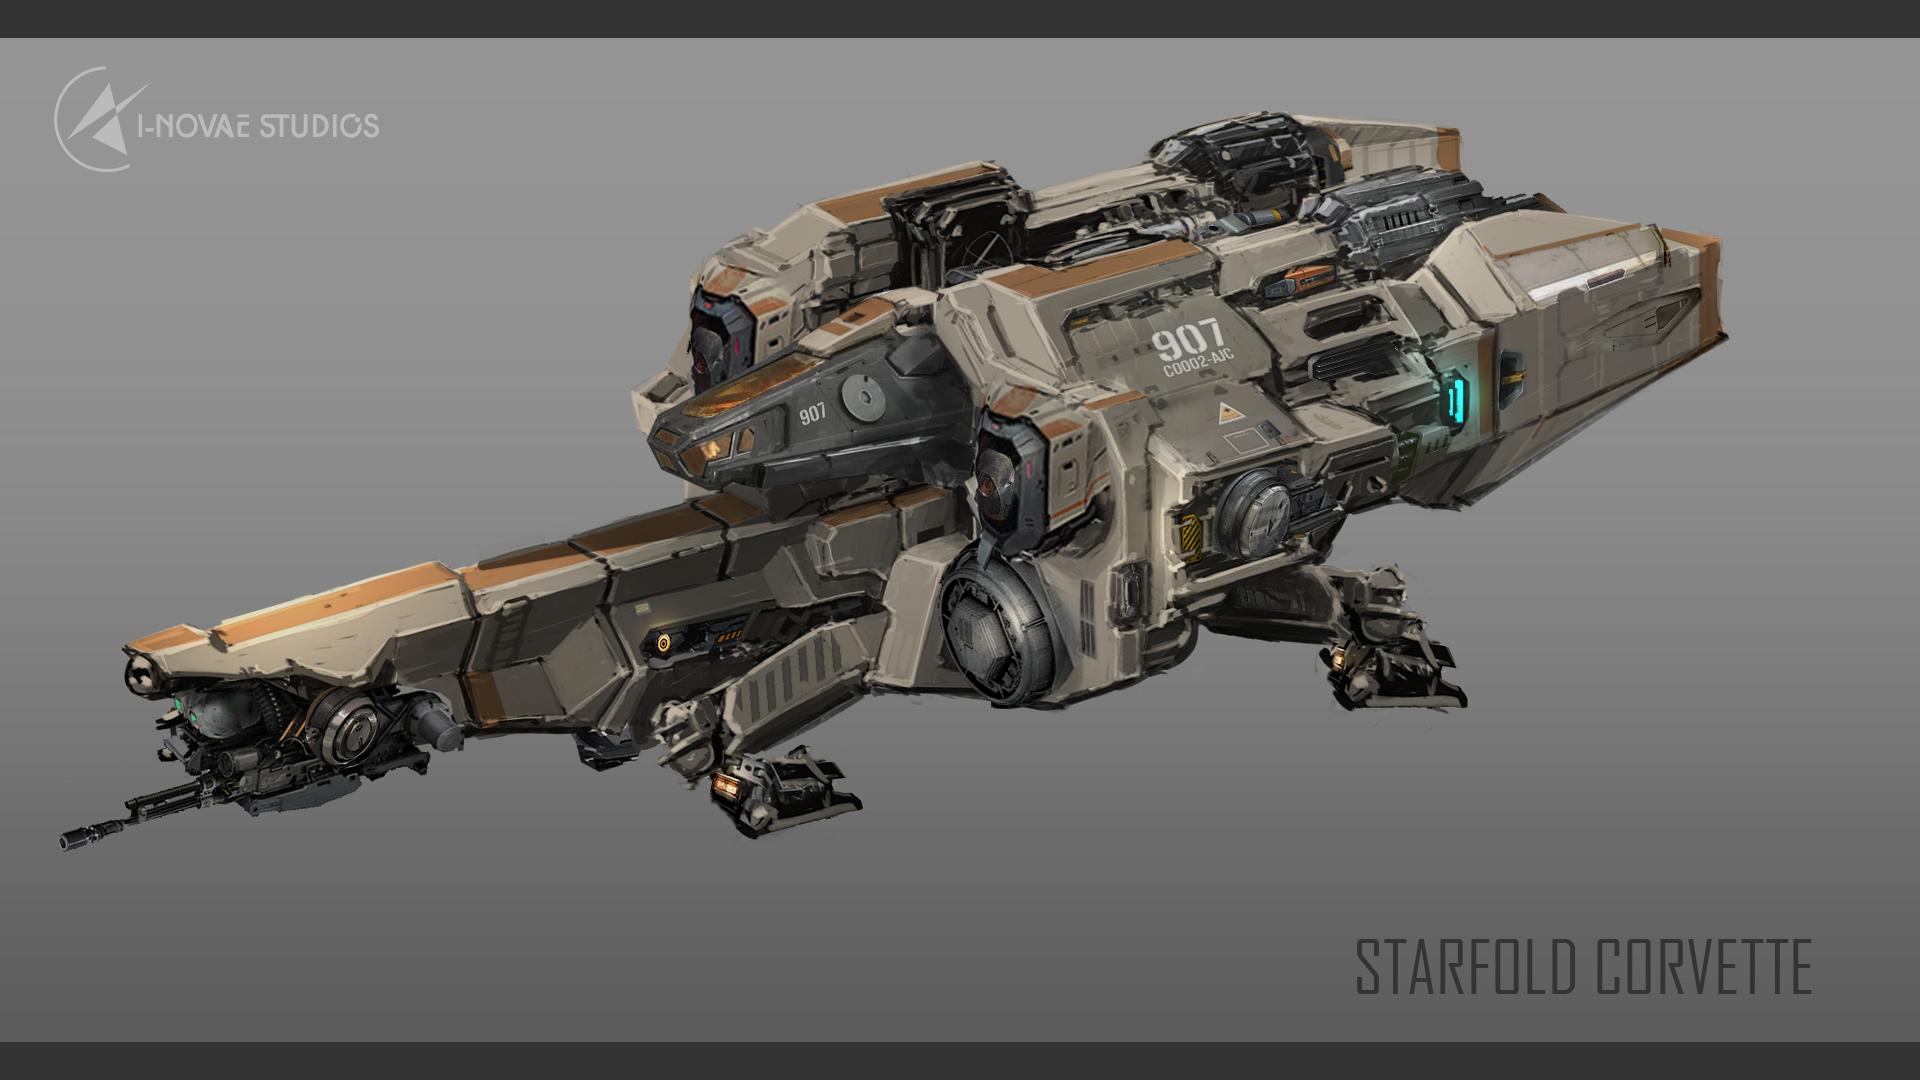 Starfold Corvette